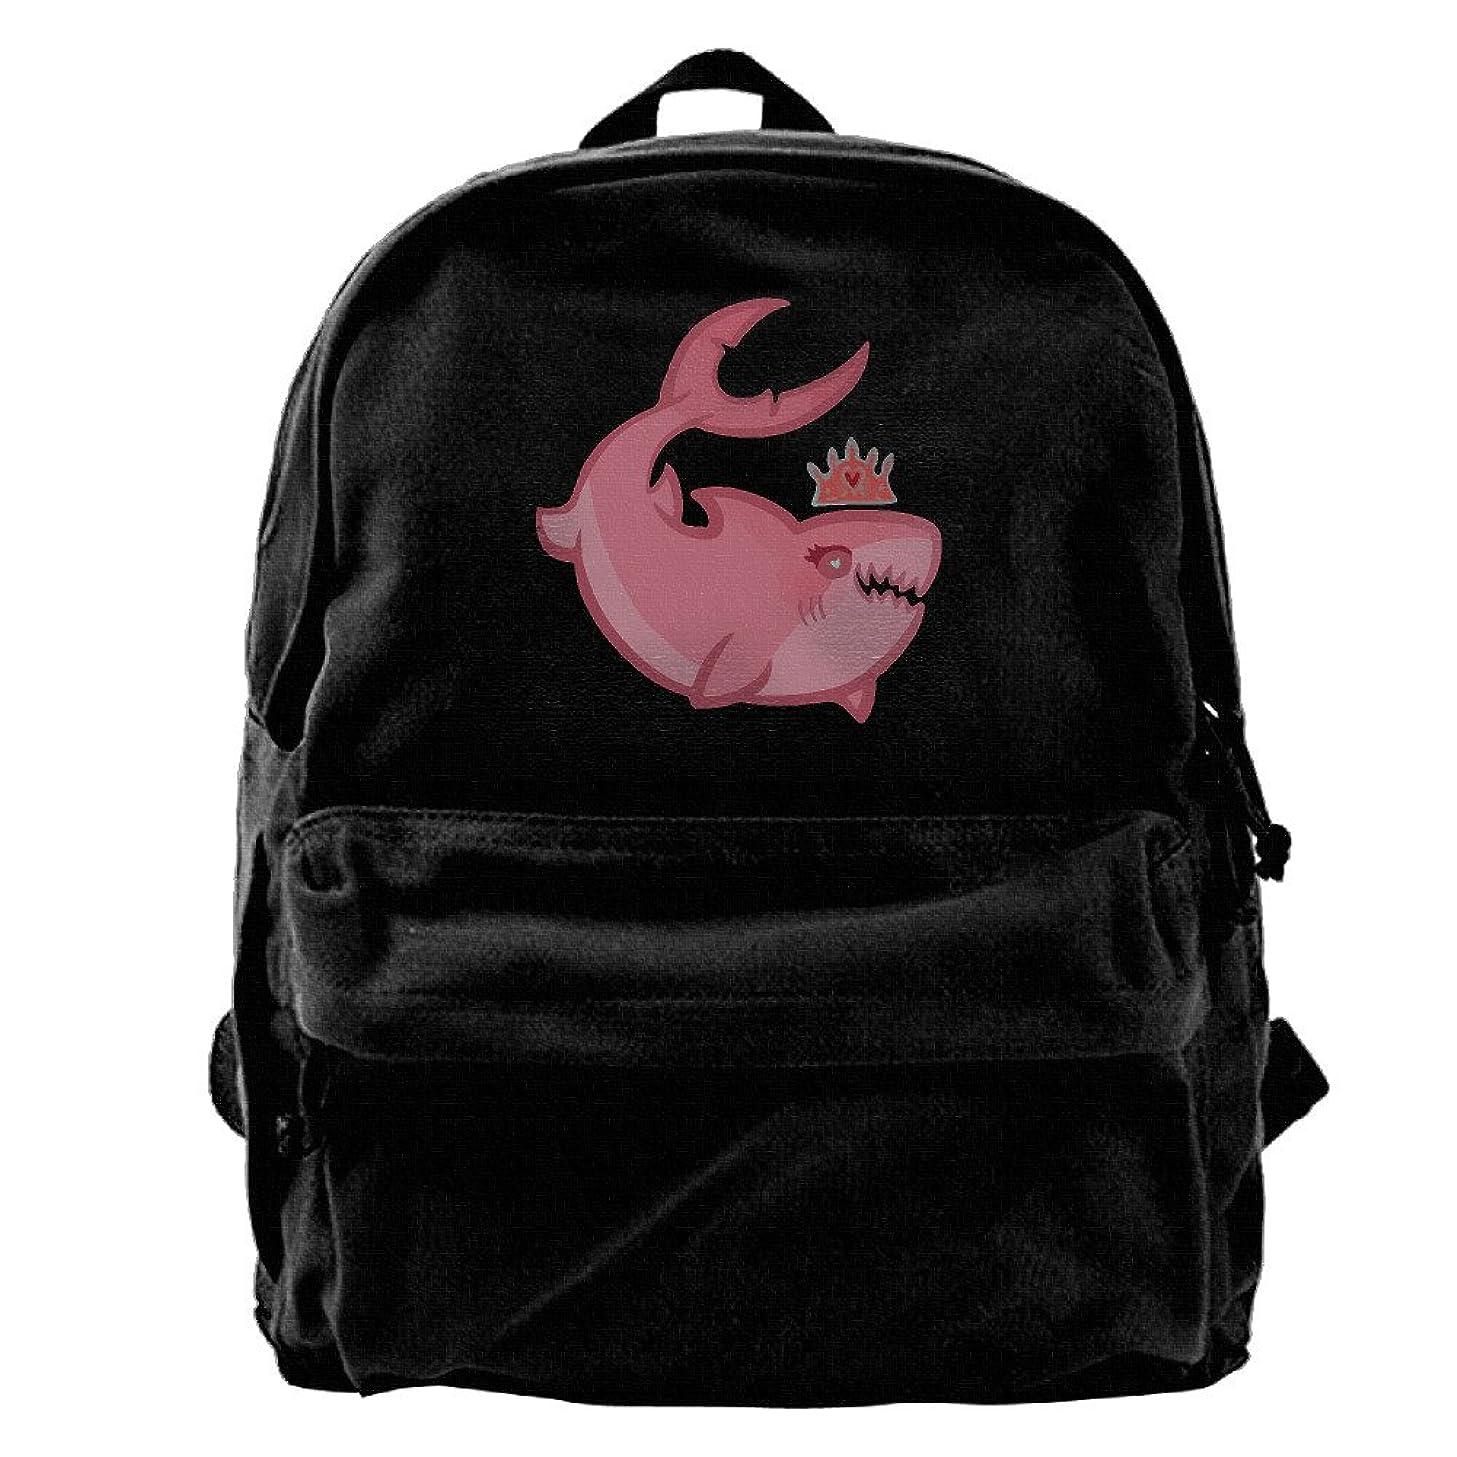 Shark Princess Boys And Girls Large Vintage Canvas Backpack School Laptop Bag Hiking Travel Rucksack